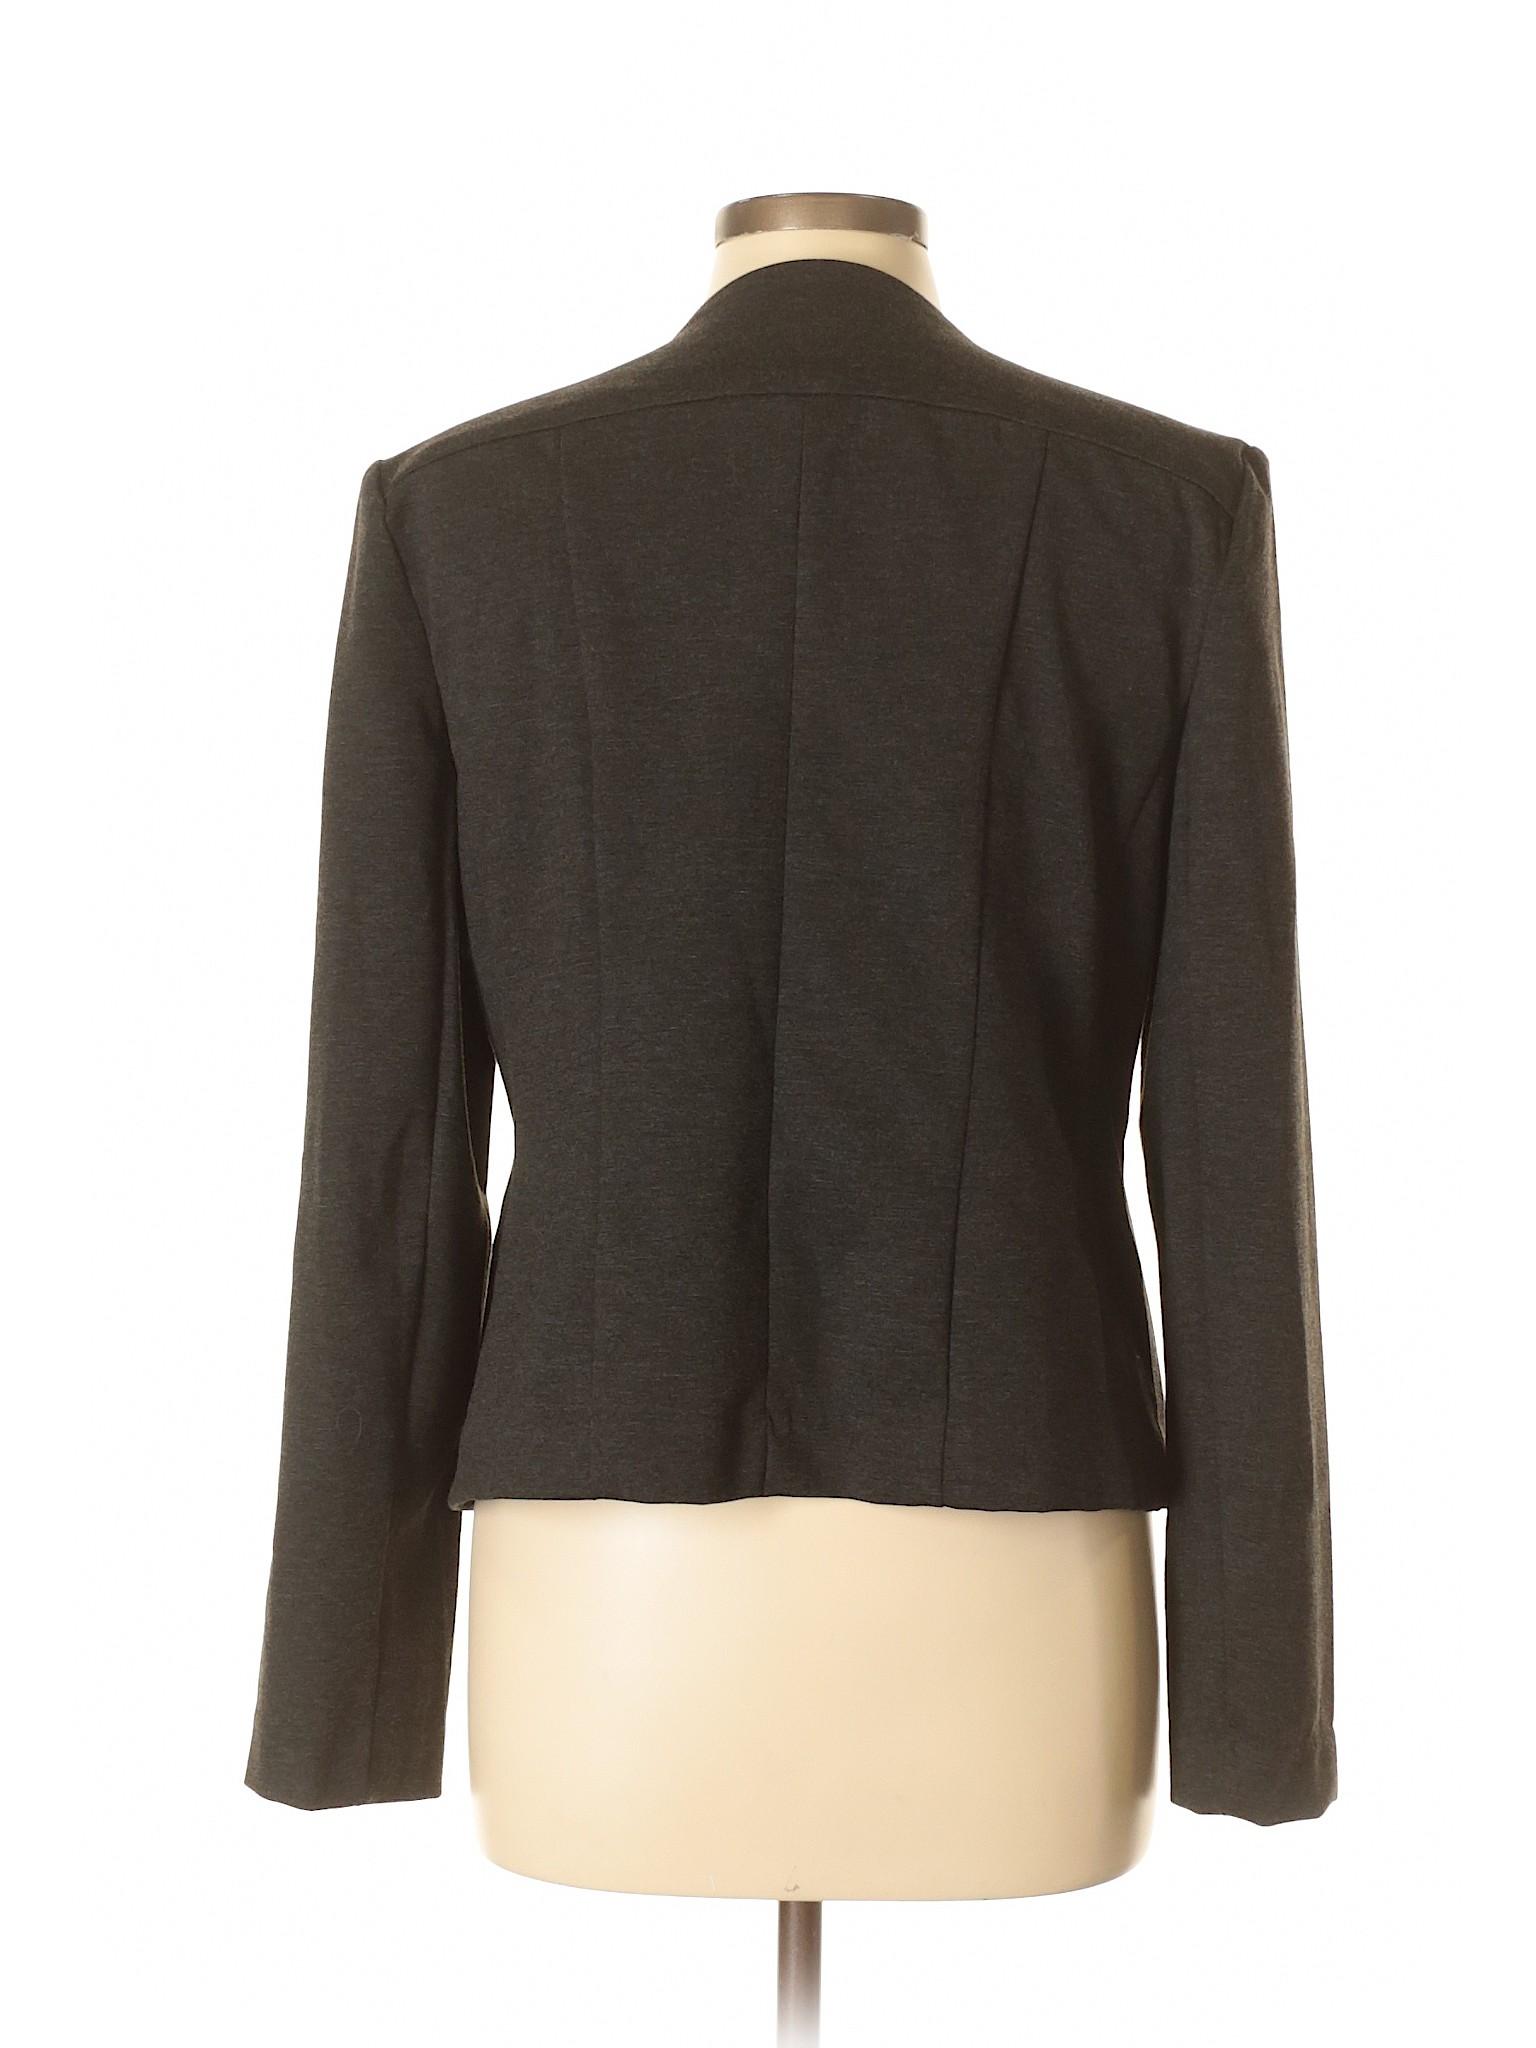 Catherine Boutique Boutique Malandrino Jacket leisure leisure Catherine zHPBqB